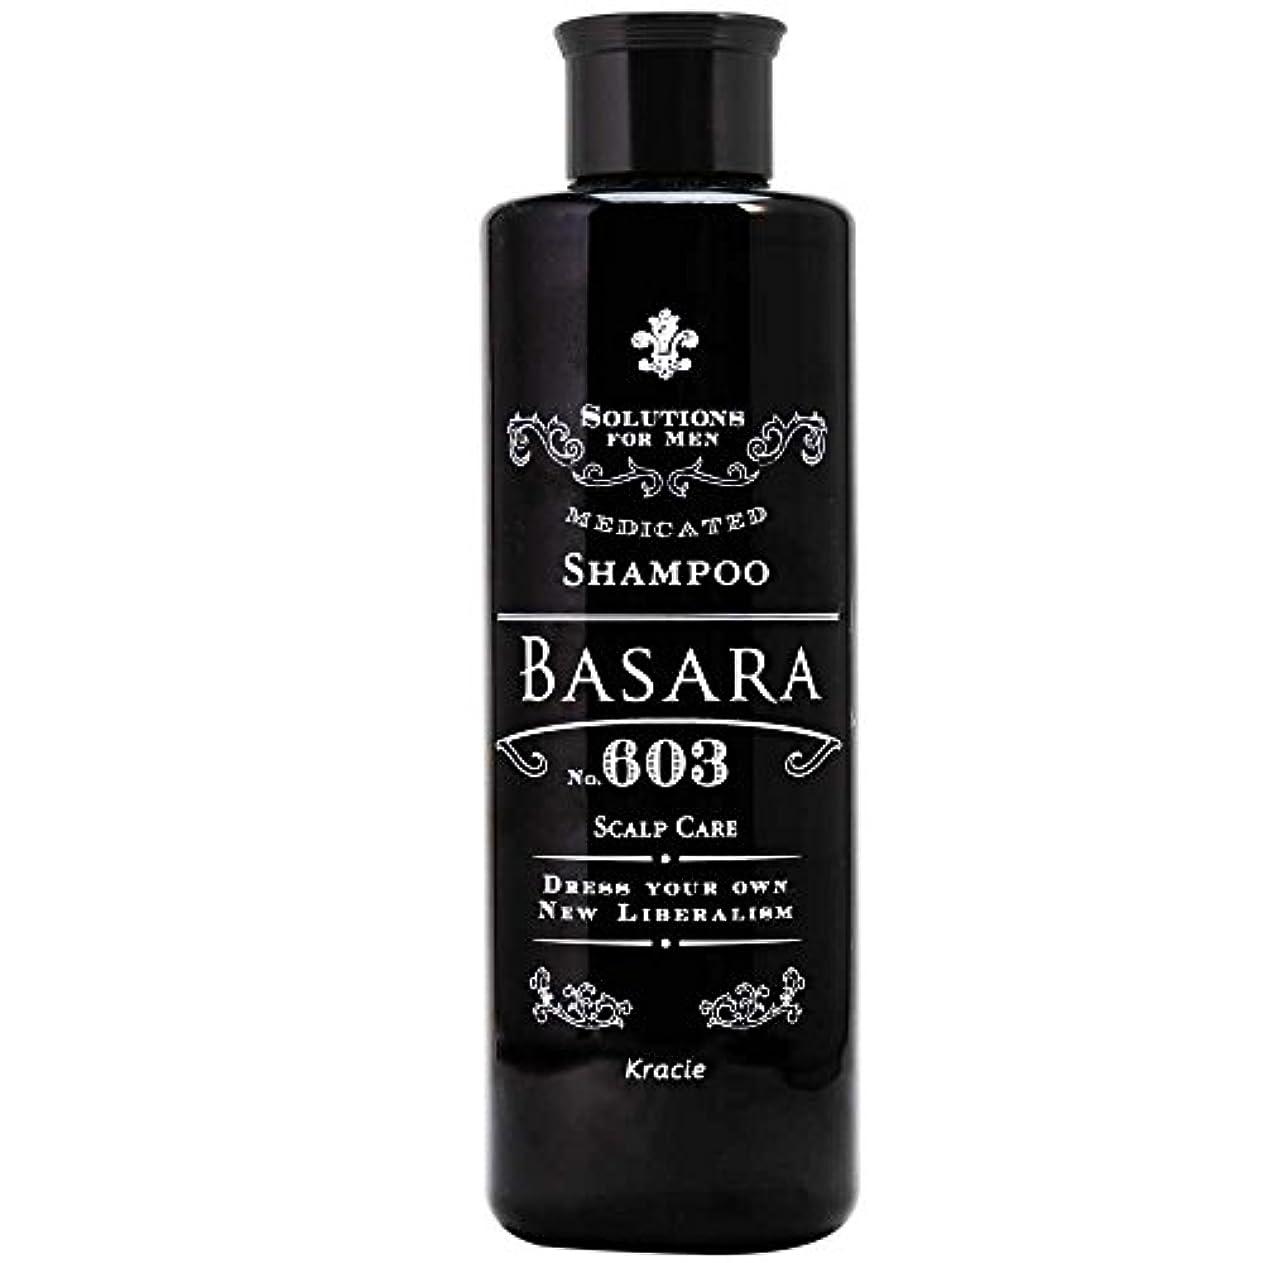 マスク一掃する再編成するクラシエ バサラ 603 薬用スカルプシャンプー 250ml